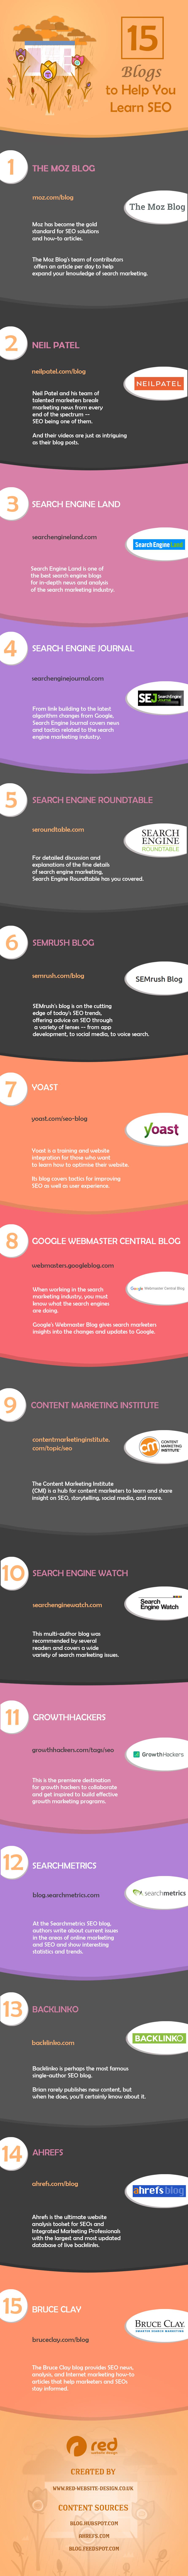 15 blog SEO tốt nhất nên theo dõi nếu muốn xếp hạng Google cao hơn [Infographic]